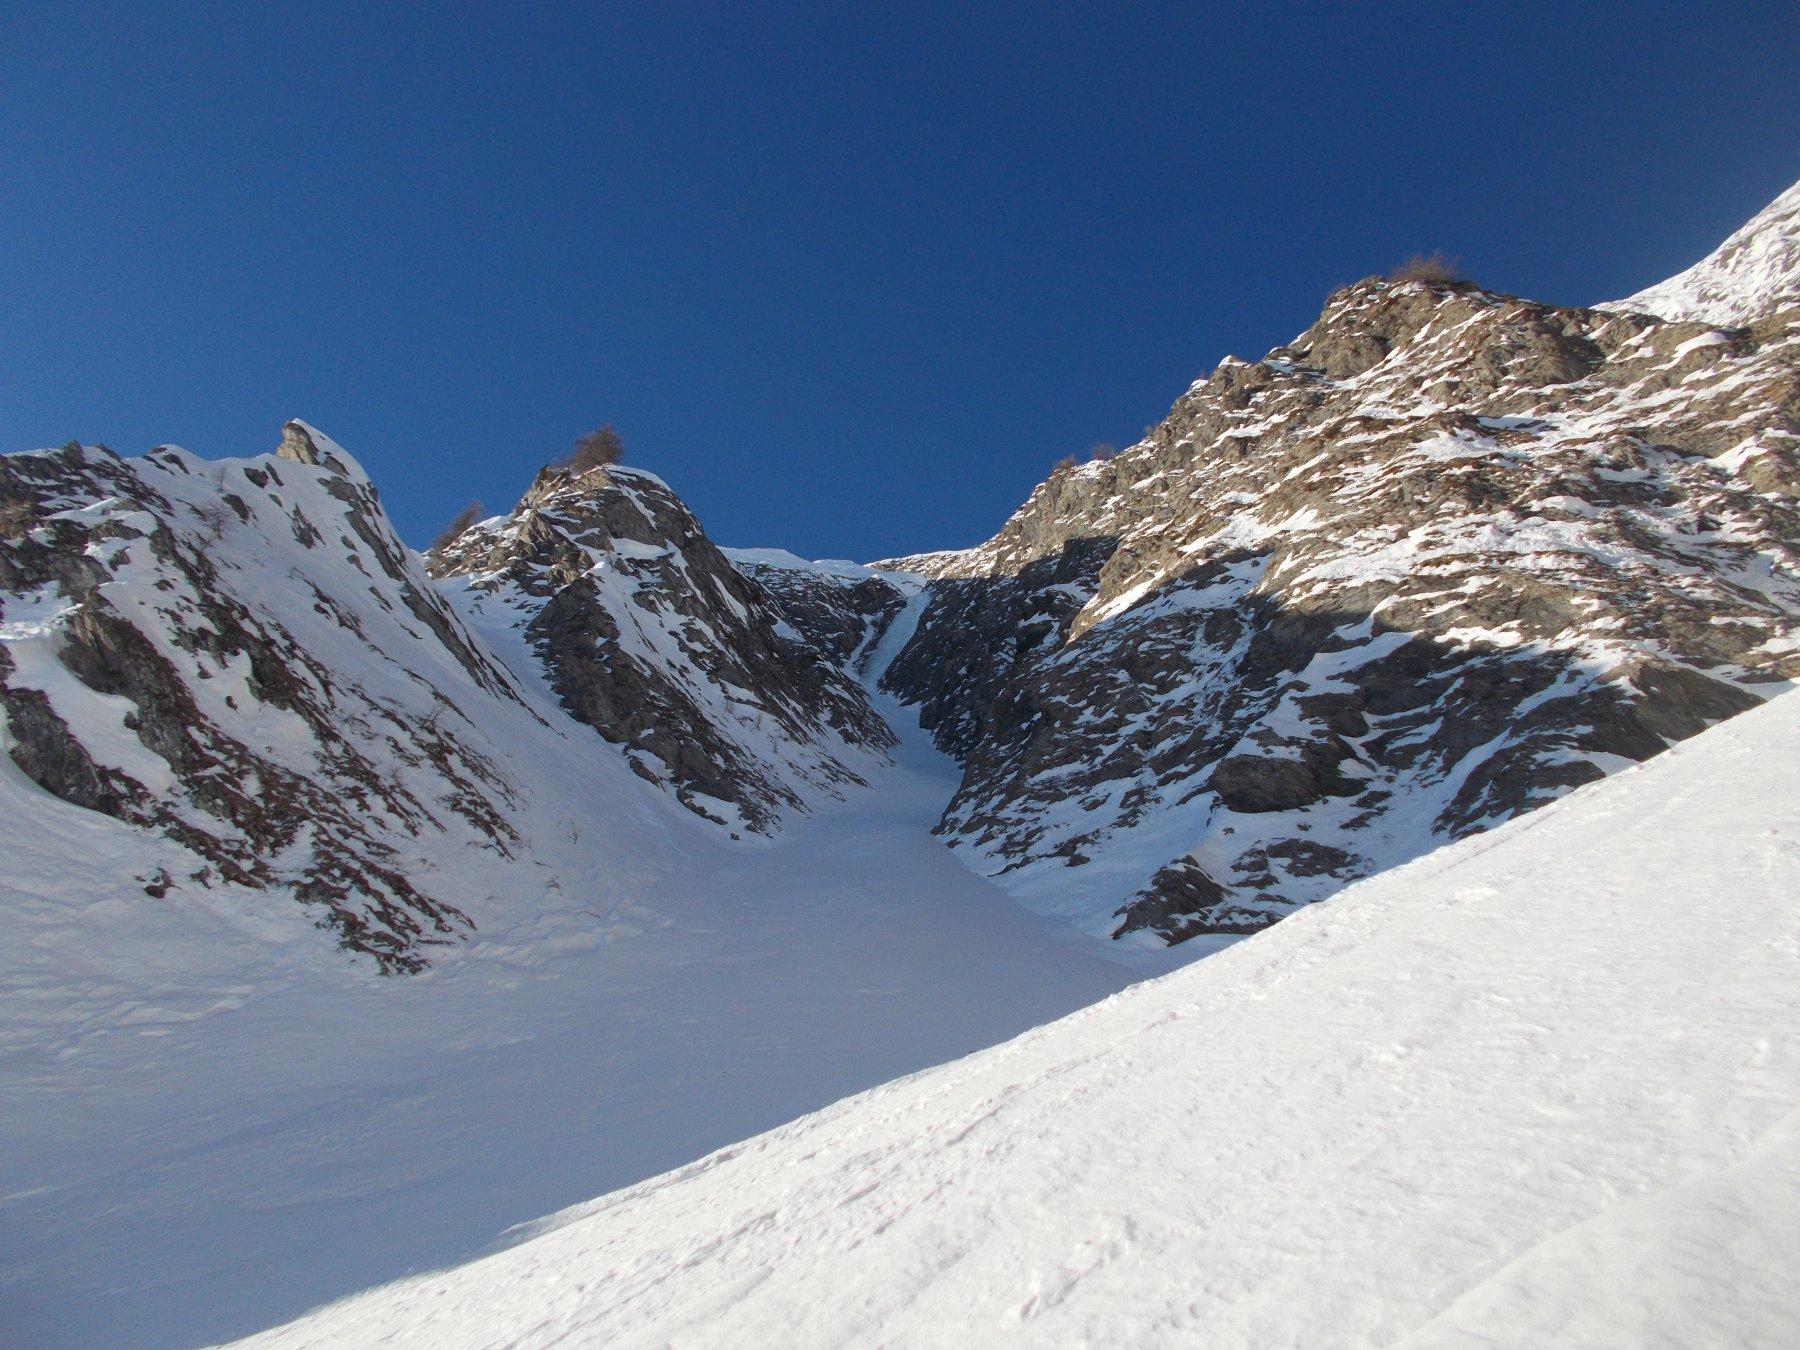 al centro al fondo il salto ghiacciato..